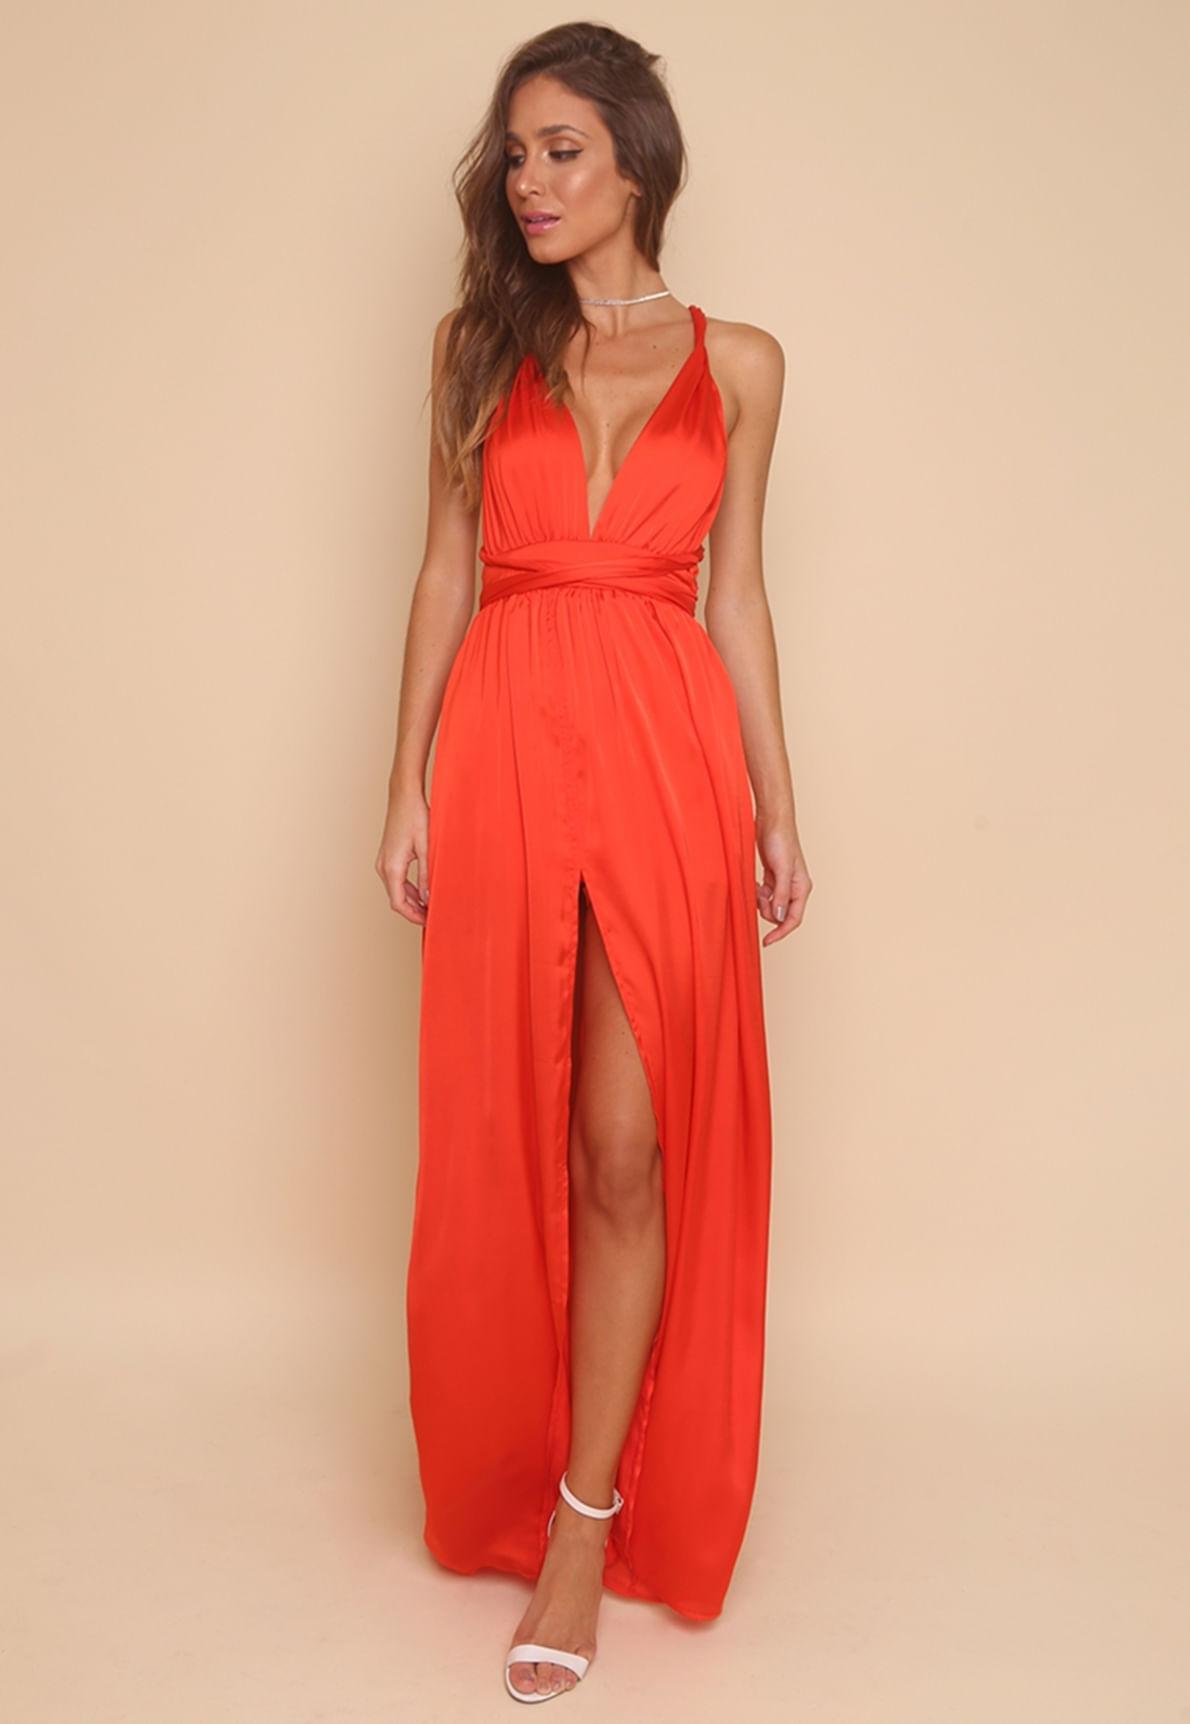 27130-vestido-londo-coral-transpassado-adalia-mundo-lolita-02